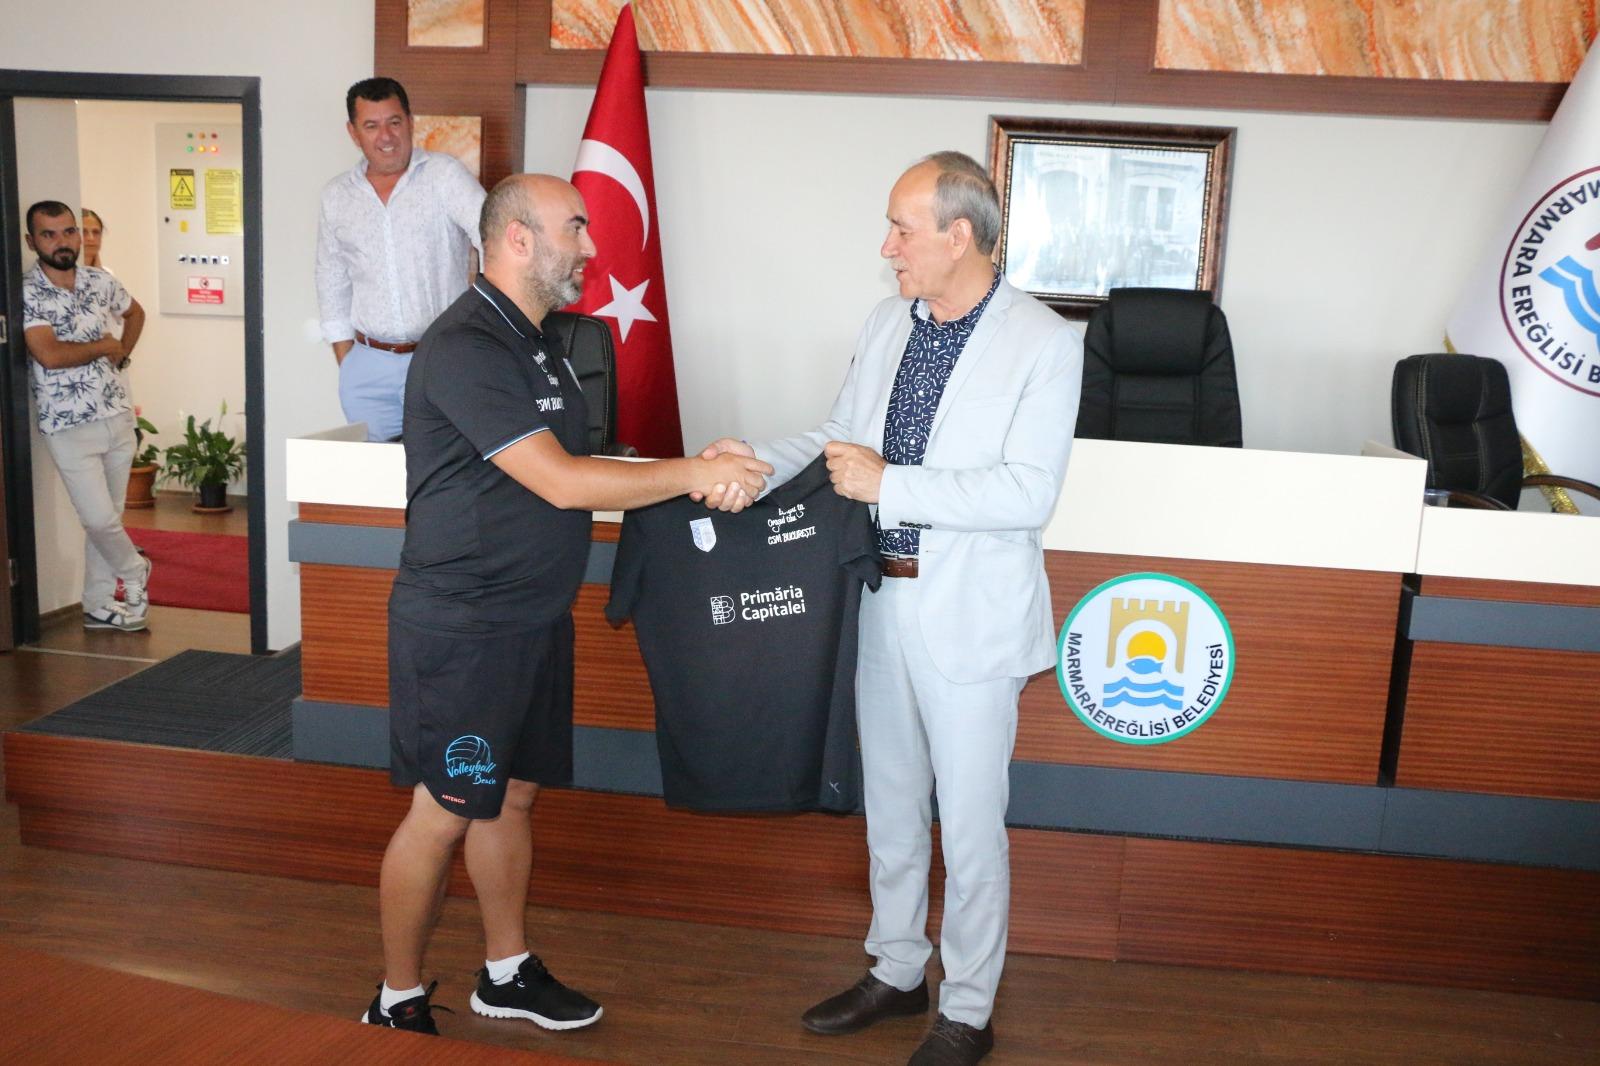 Plaj Voleybolu Halk TurnuvasıTakımlarından Başkan Ata'ya Ziyaret